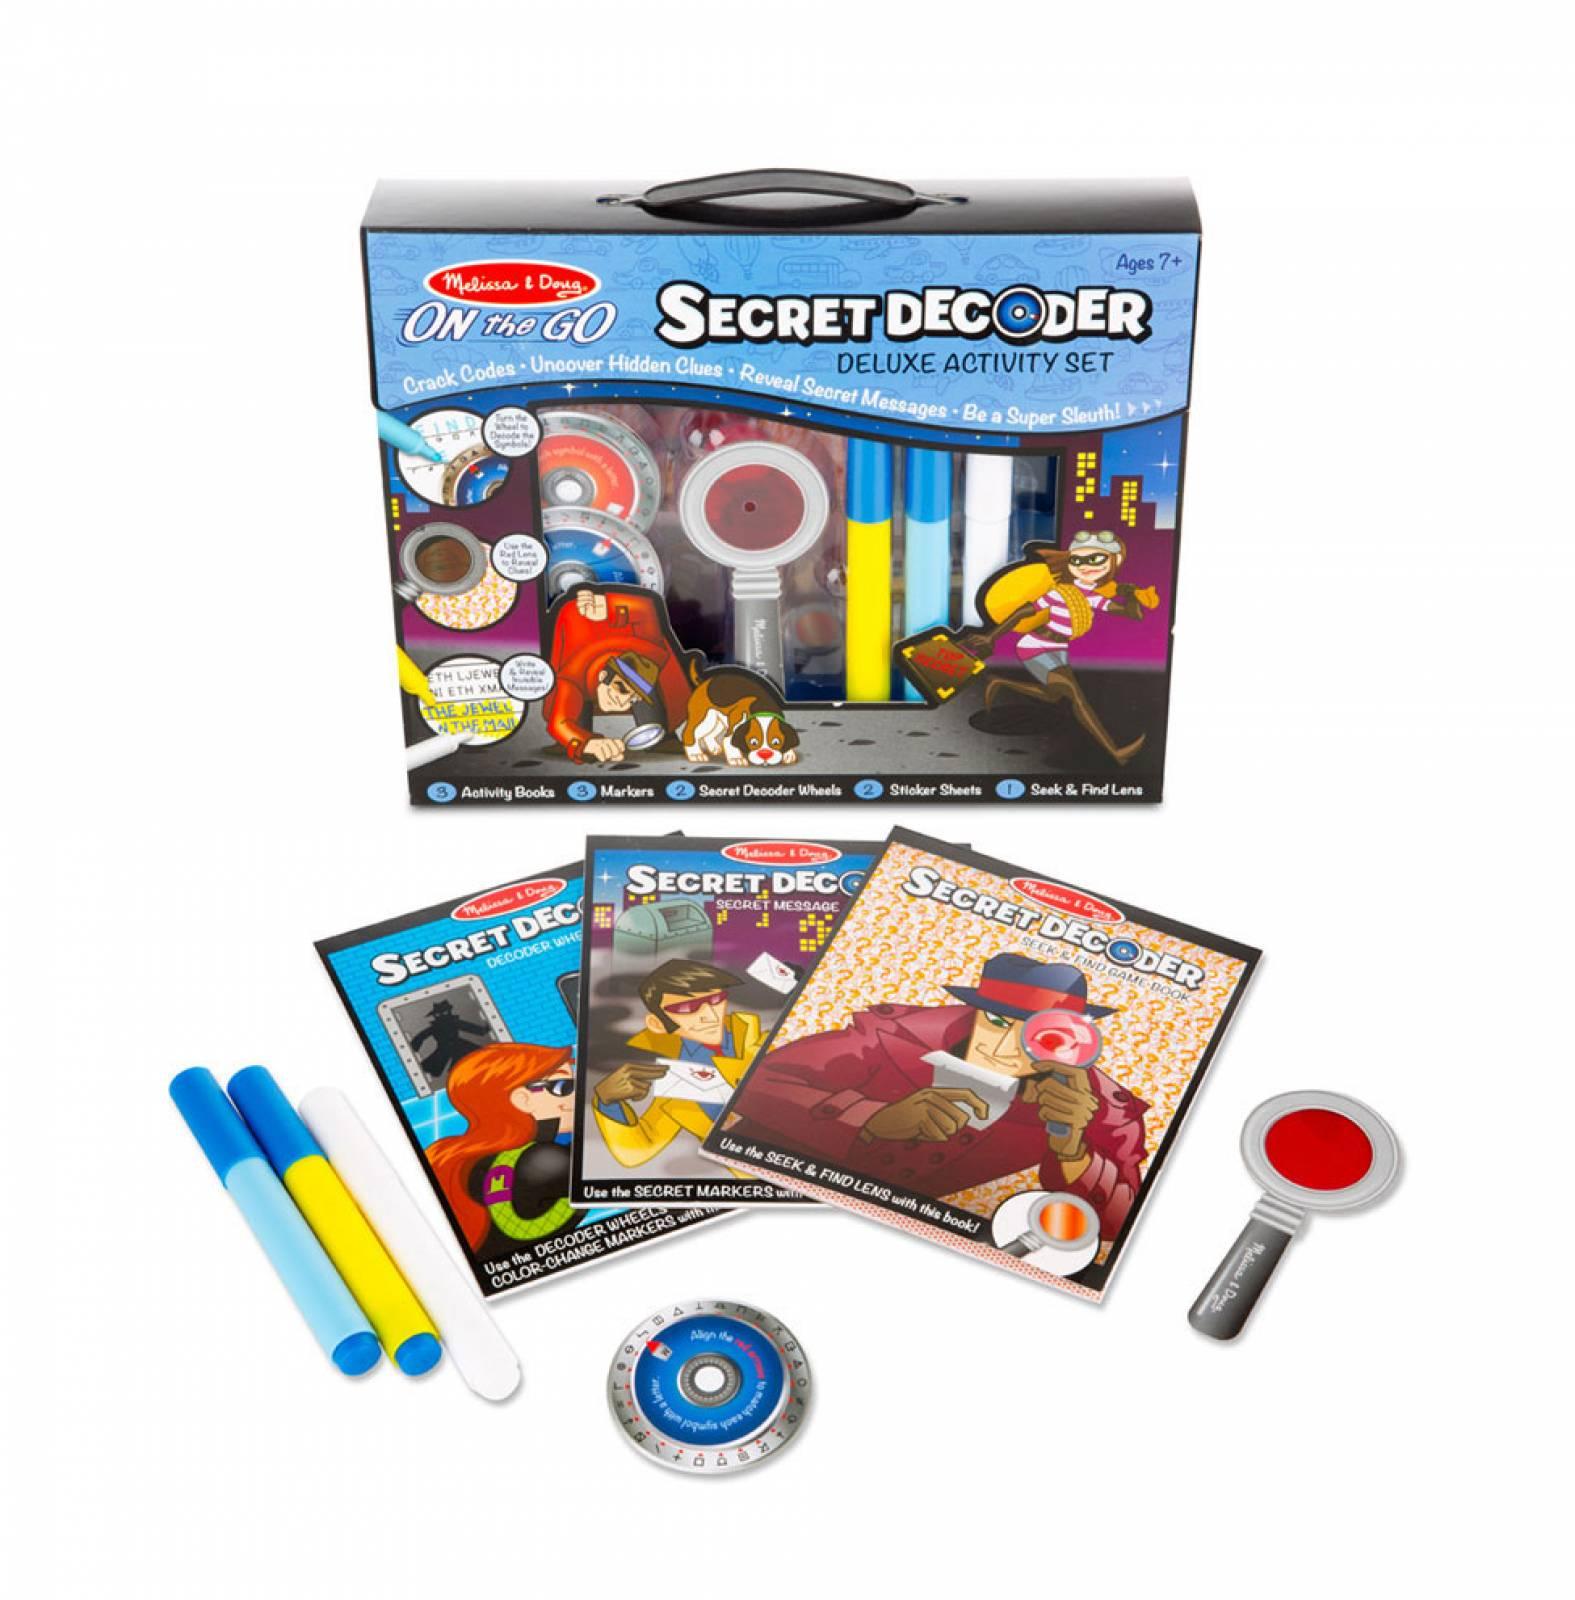 Secret Decoder Deluxe Activity Set 7+